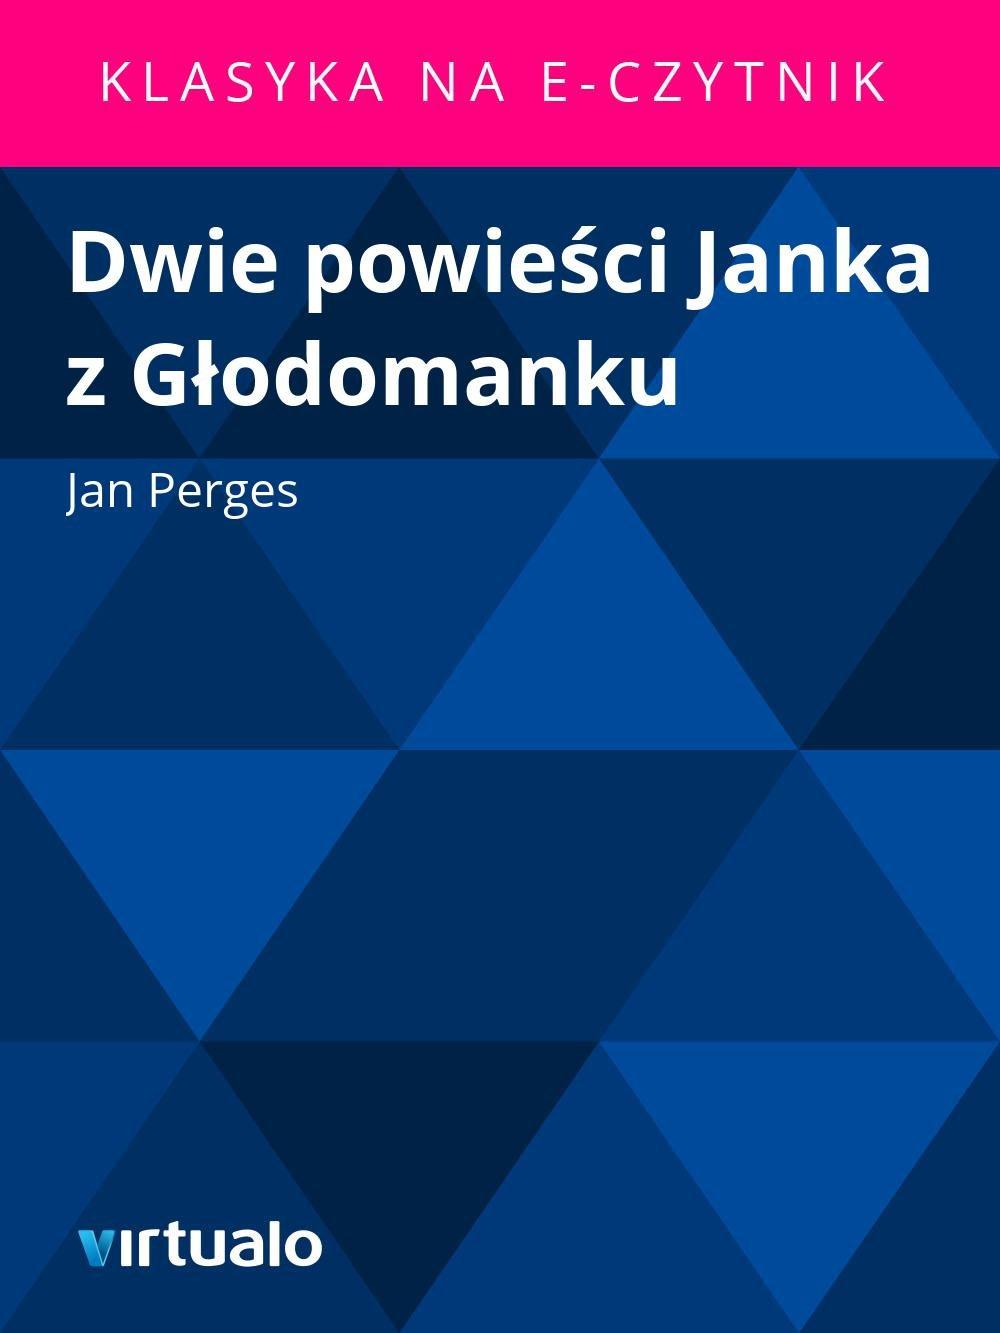 Dwie powieści Janka z Głodomanku - Ebook (Książka EPUB) do pobrania w formacie EPUB